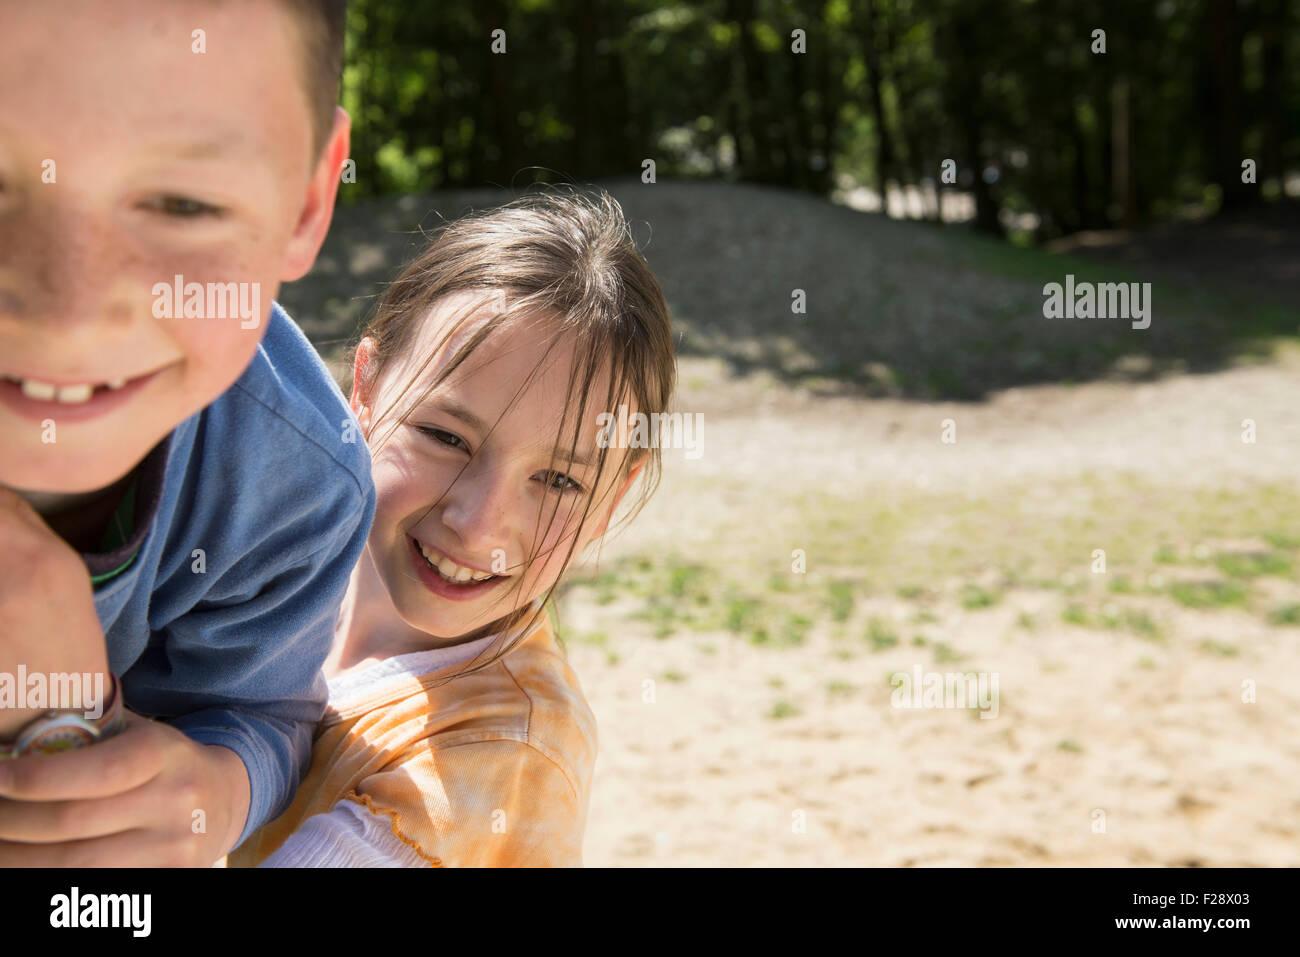 Un ragazzo e una ragazza a giocare nel parco giochi, Monaco di Baviera, Germania Immagini Stock